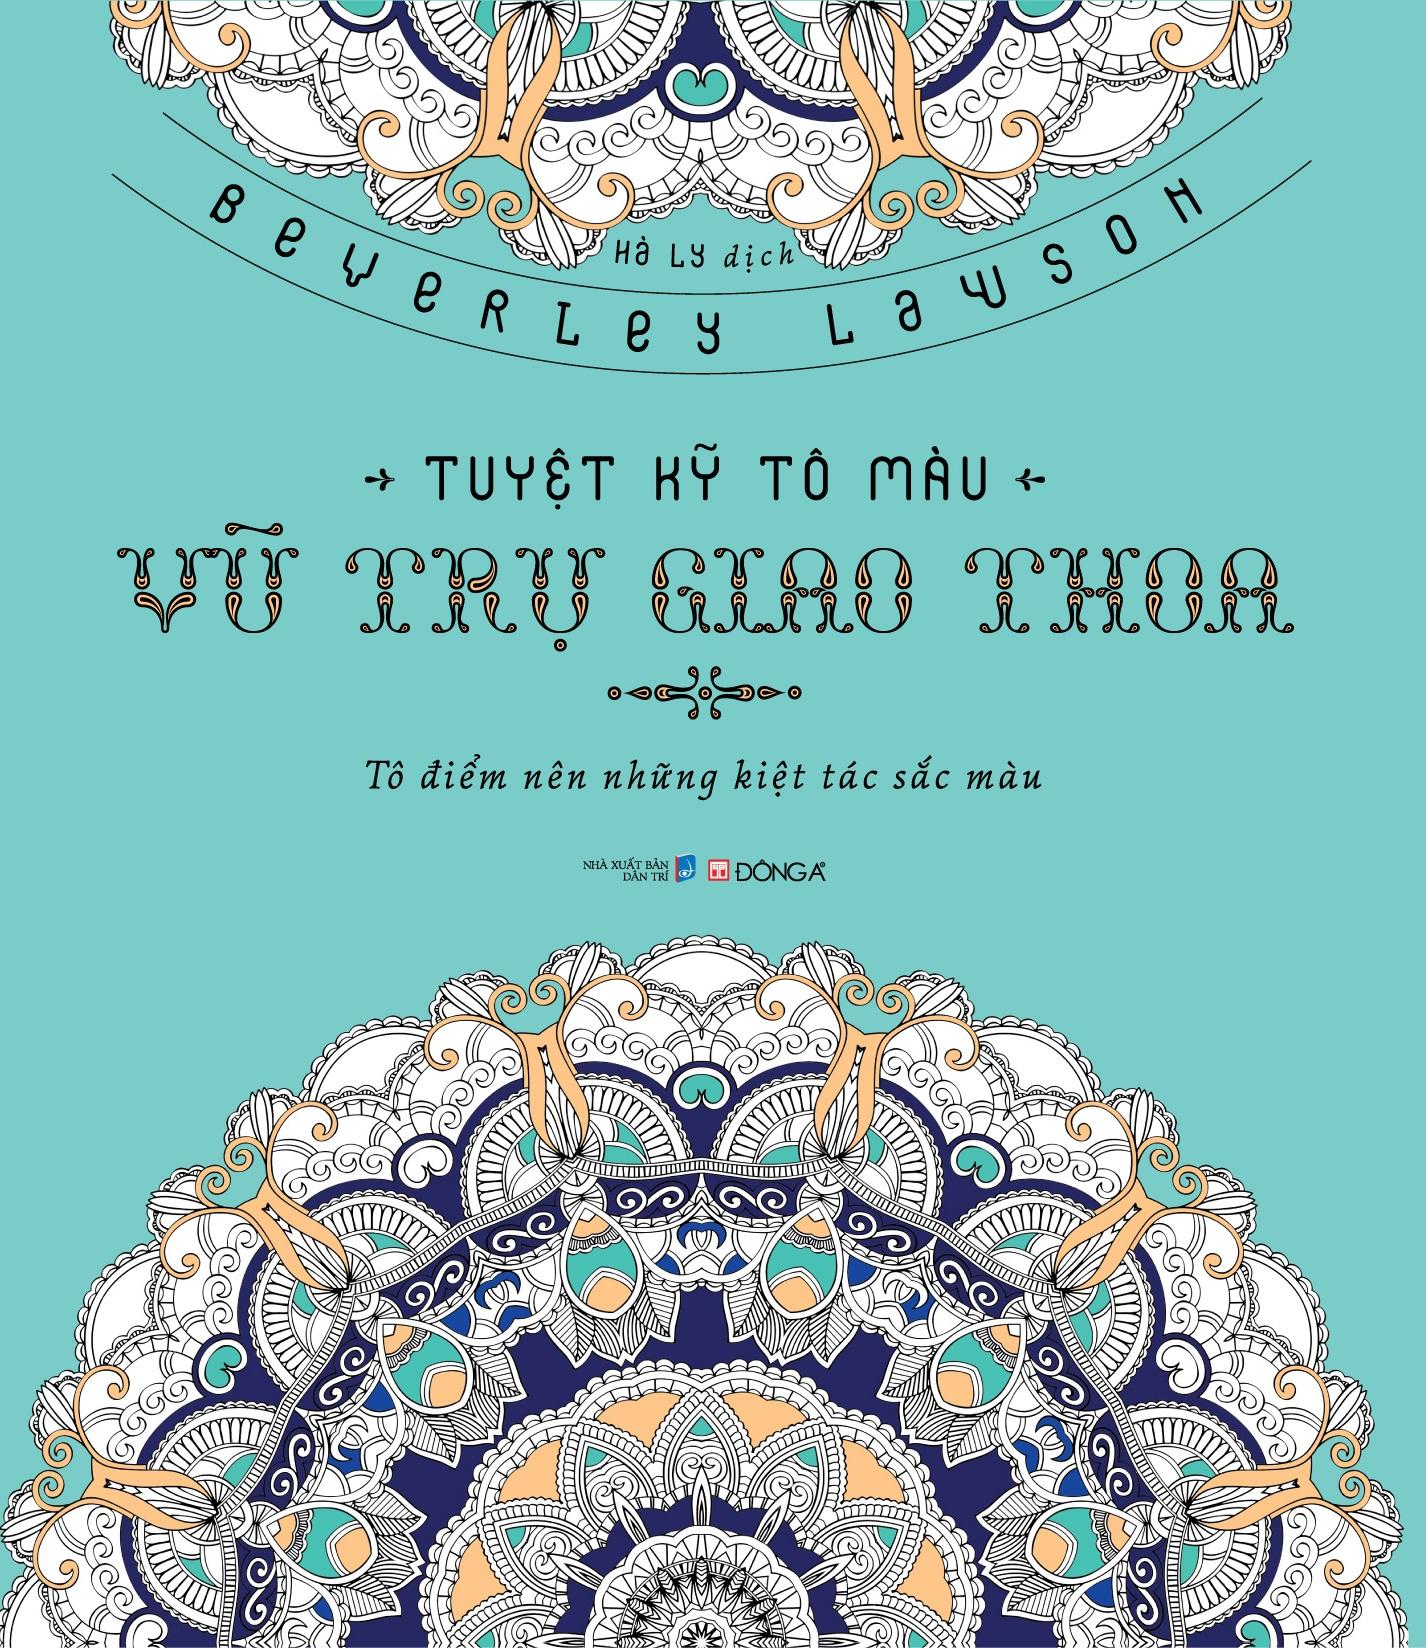 Bìa sách Tuyệt Kỹ Dựng Hình - Vũ Trụ Giao Thoa